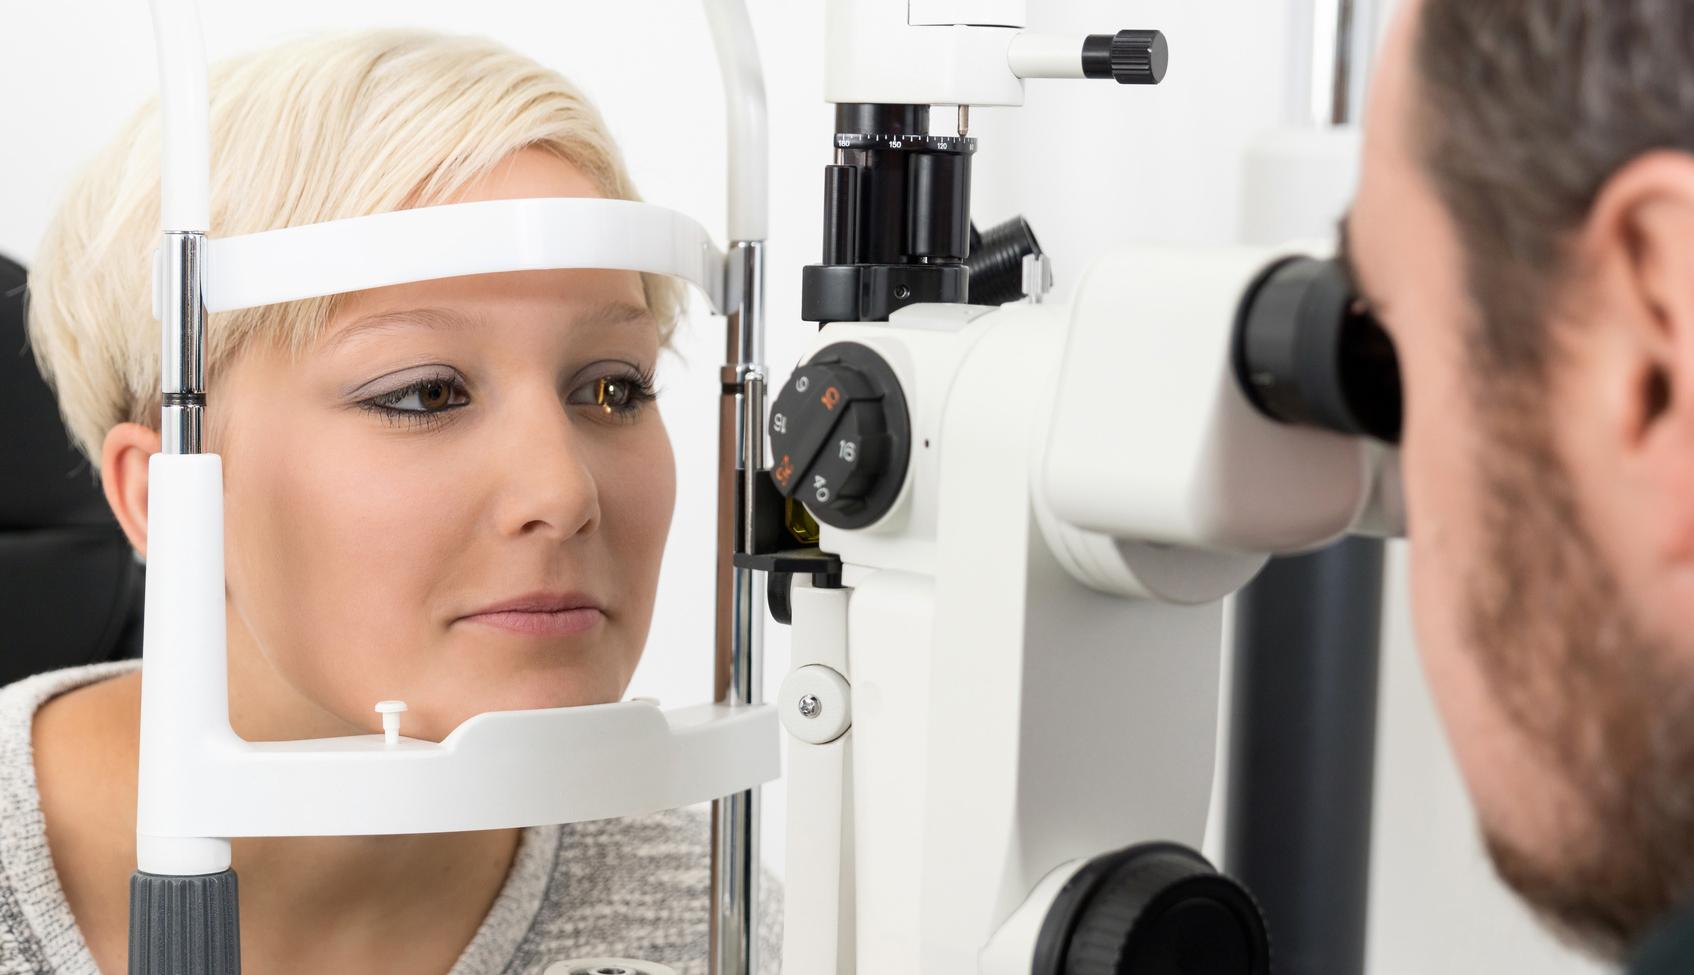 Junge blonde Frau beim Augenarzt